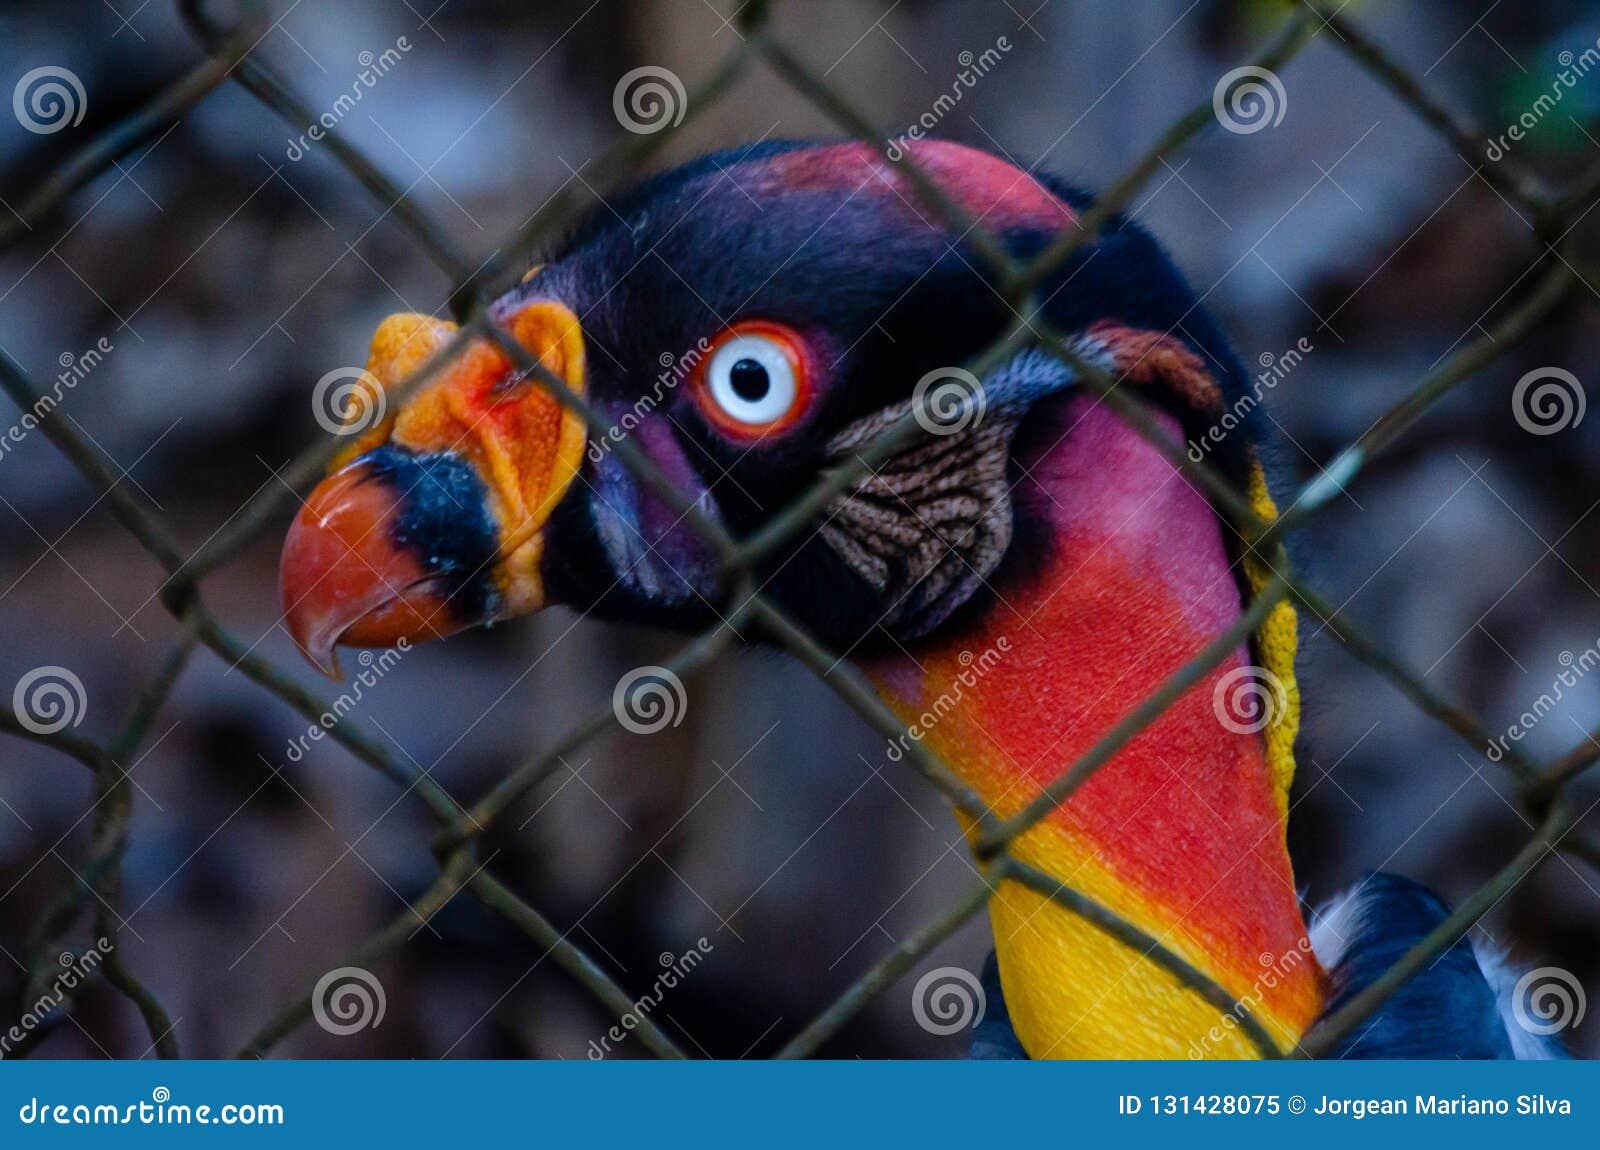 Profil du Roi Vulture emprisonné entre les grilles, portrait